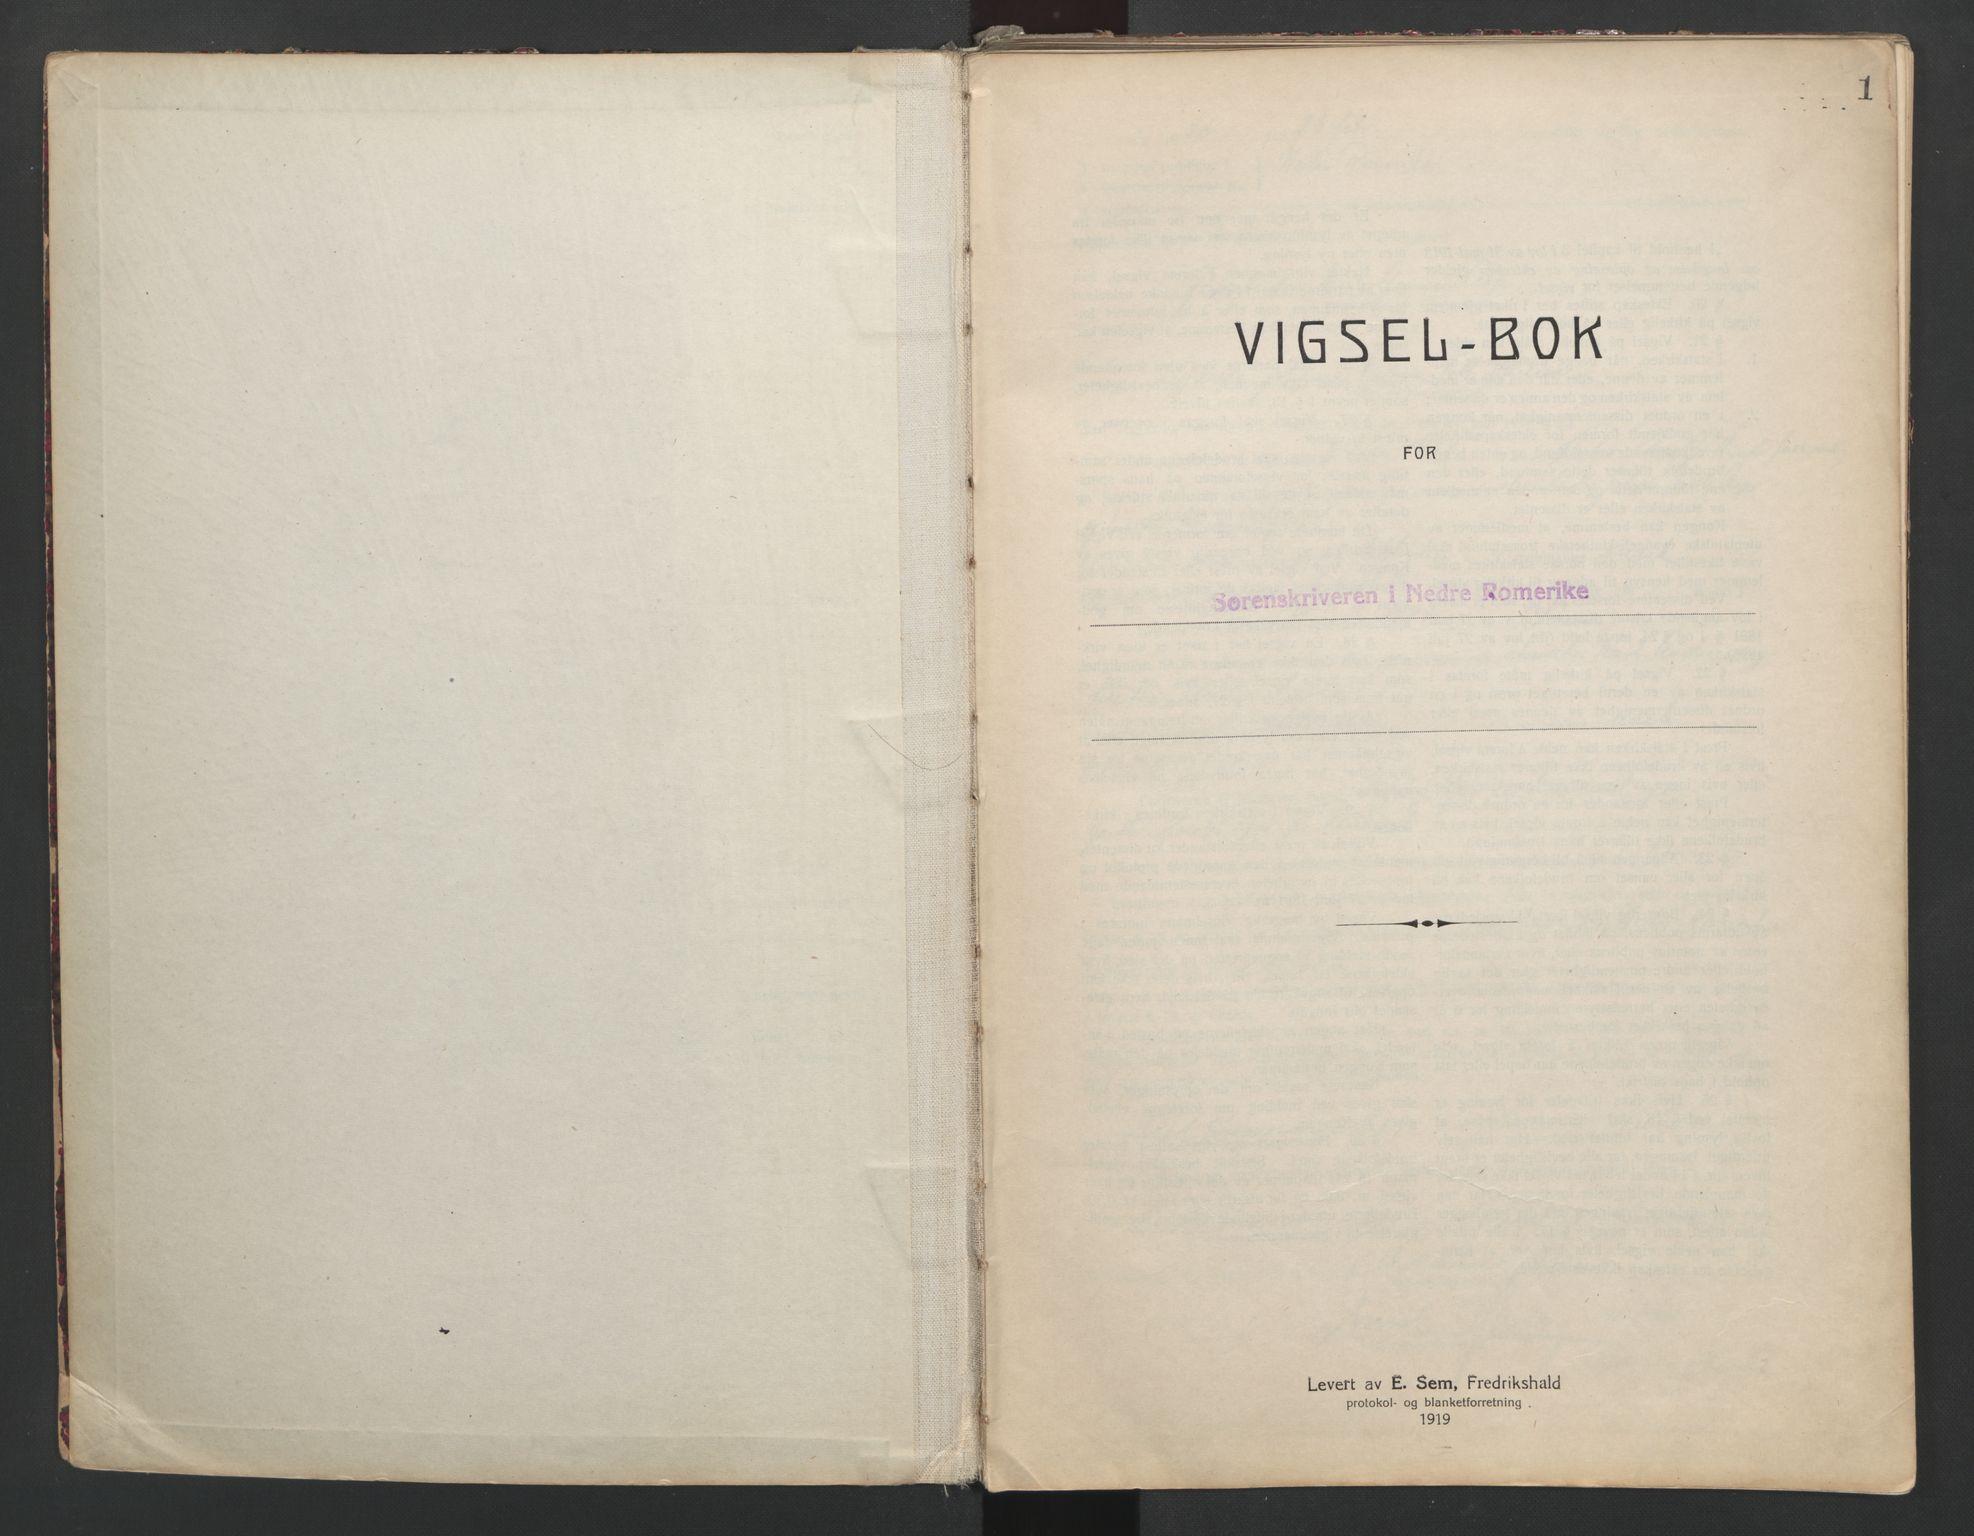 SAO, Nedre Romerike sorenskriveri, L/Lb/L0001: Vigselsbok - borgerlige vielser, 1920-1935, s. 1